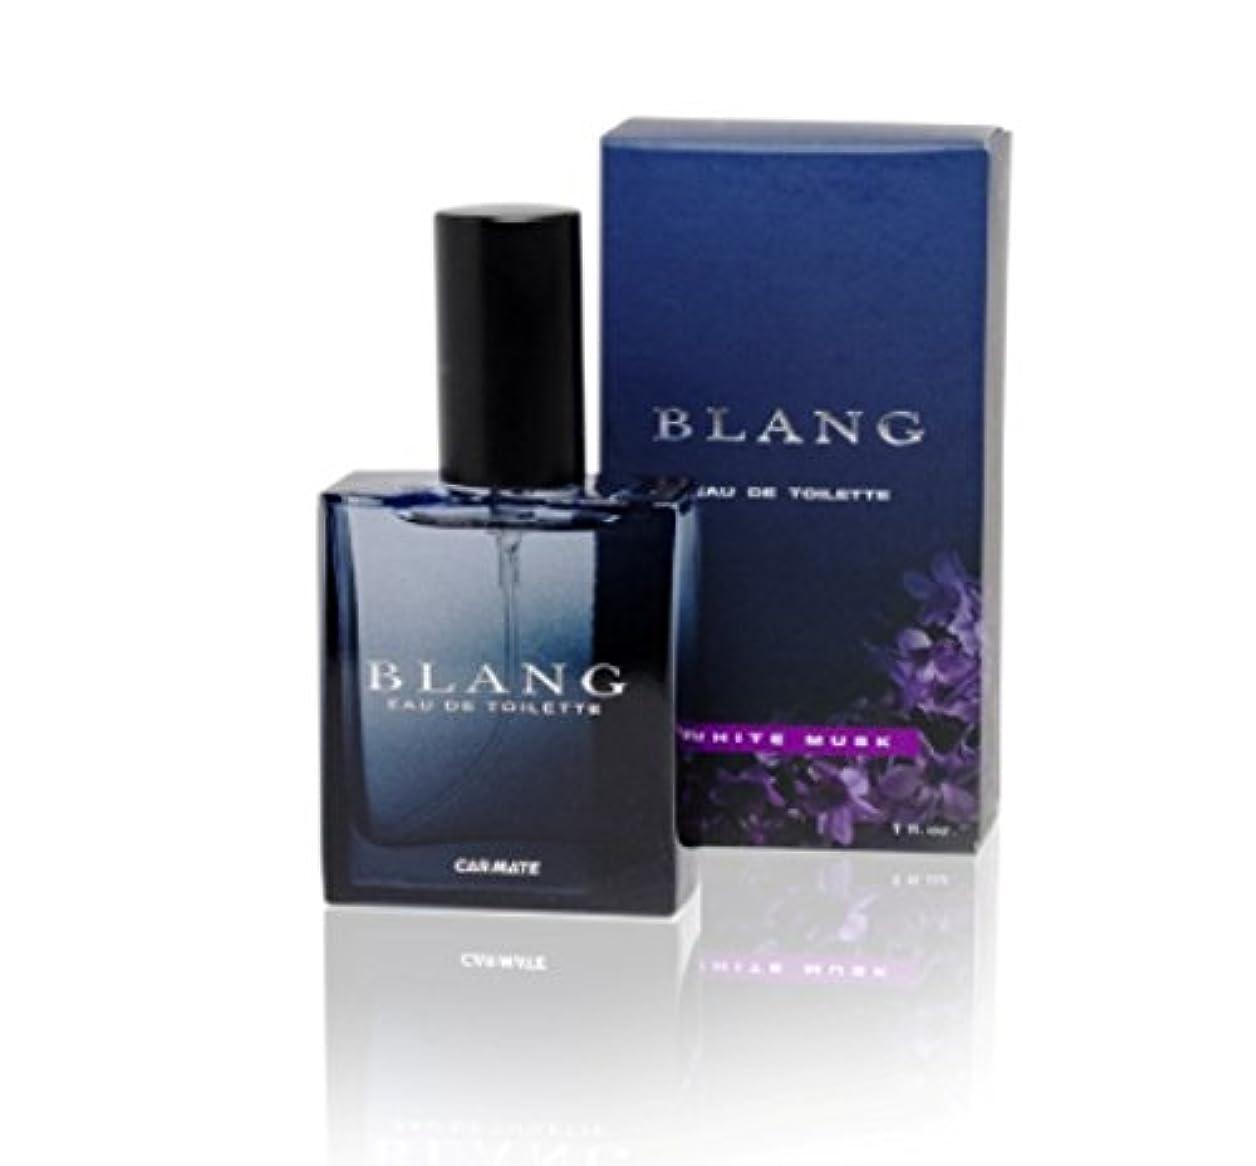 偉業パネルアッティカスカーメイト 香水 芳香剤 ブラング オードトワレ 置き型 ホワイトムスク 販売ルート限定品 30ml L531